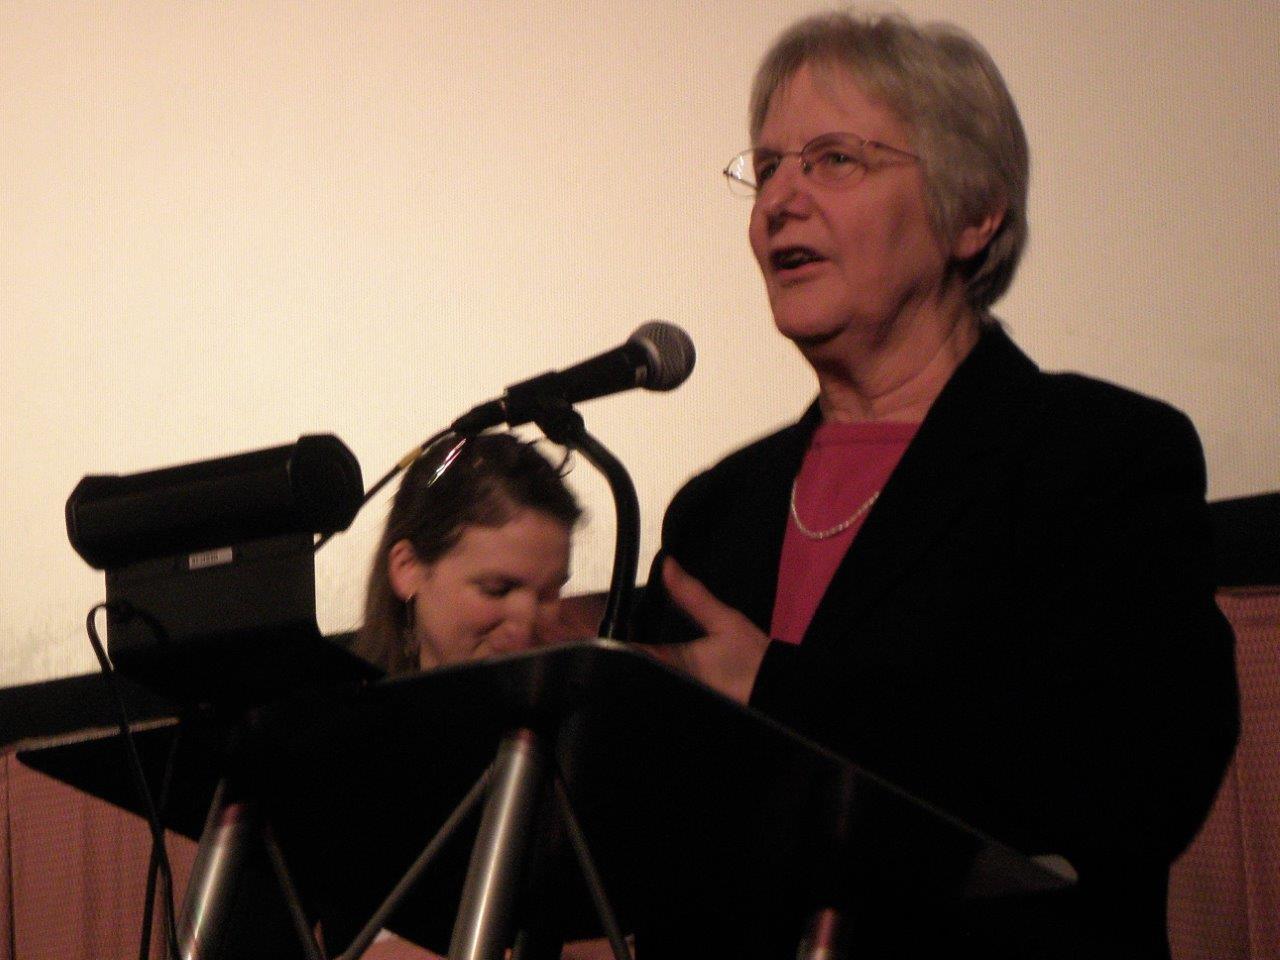 Diana at Film Fest podium, 4/10/18